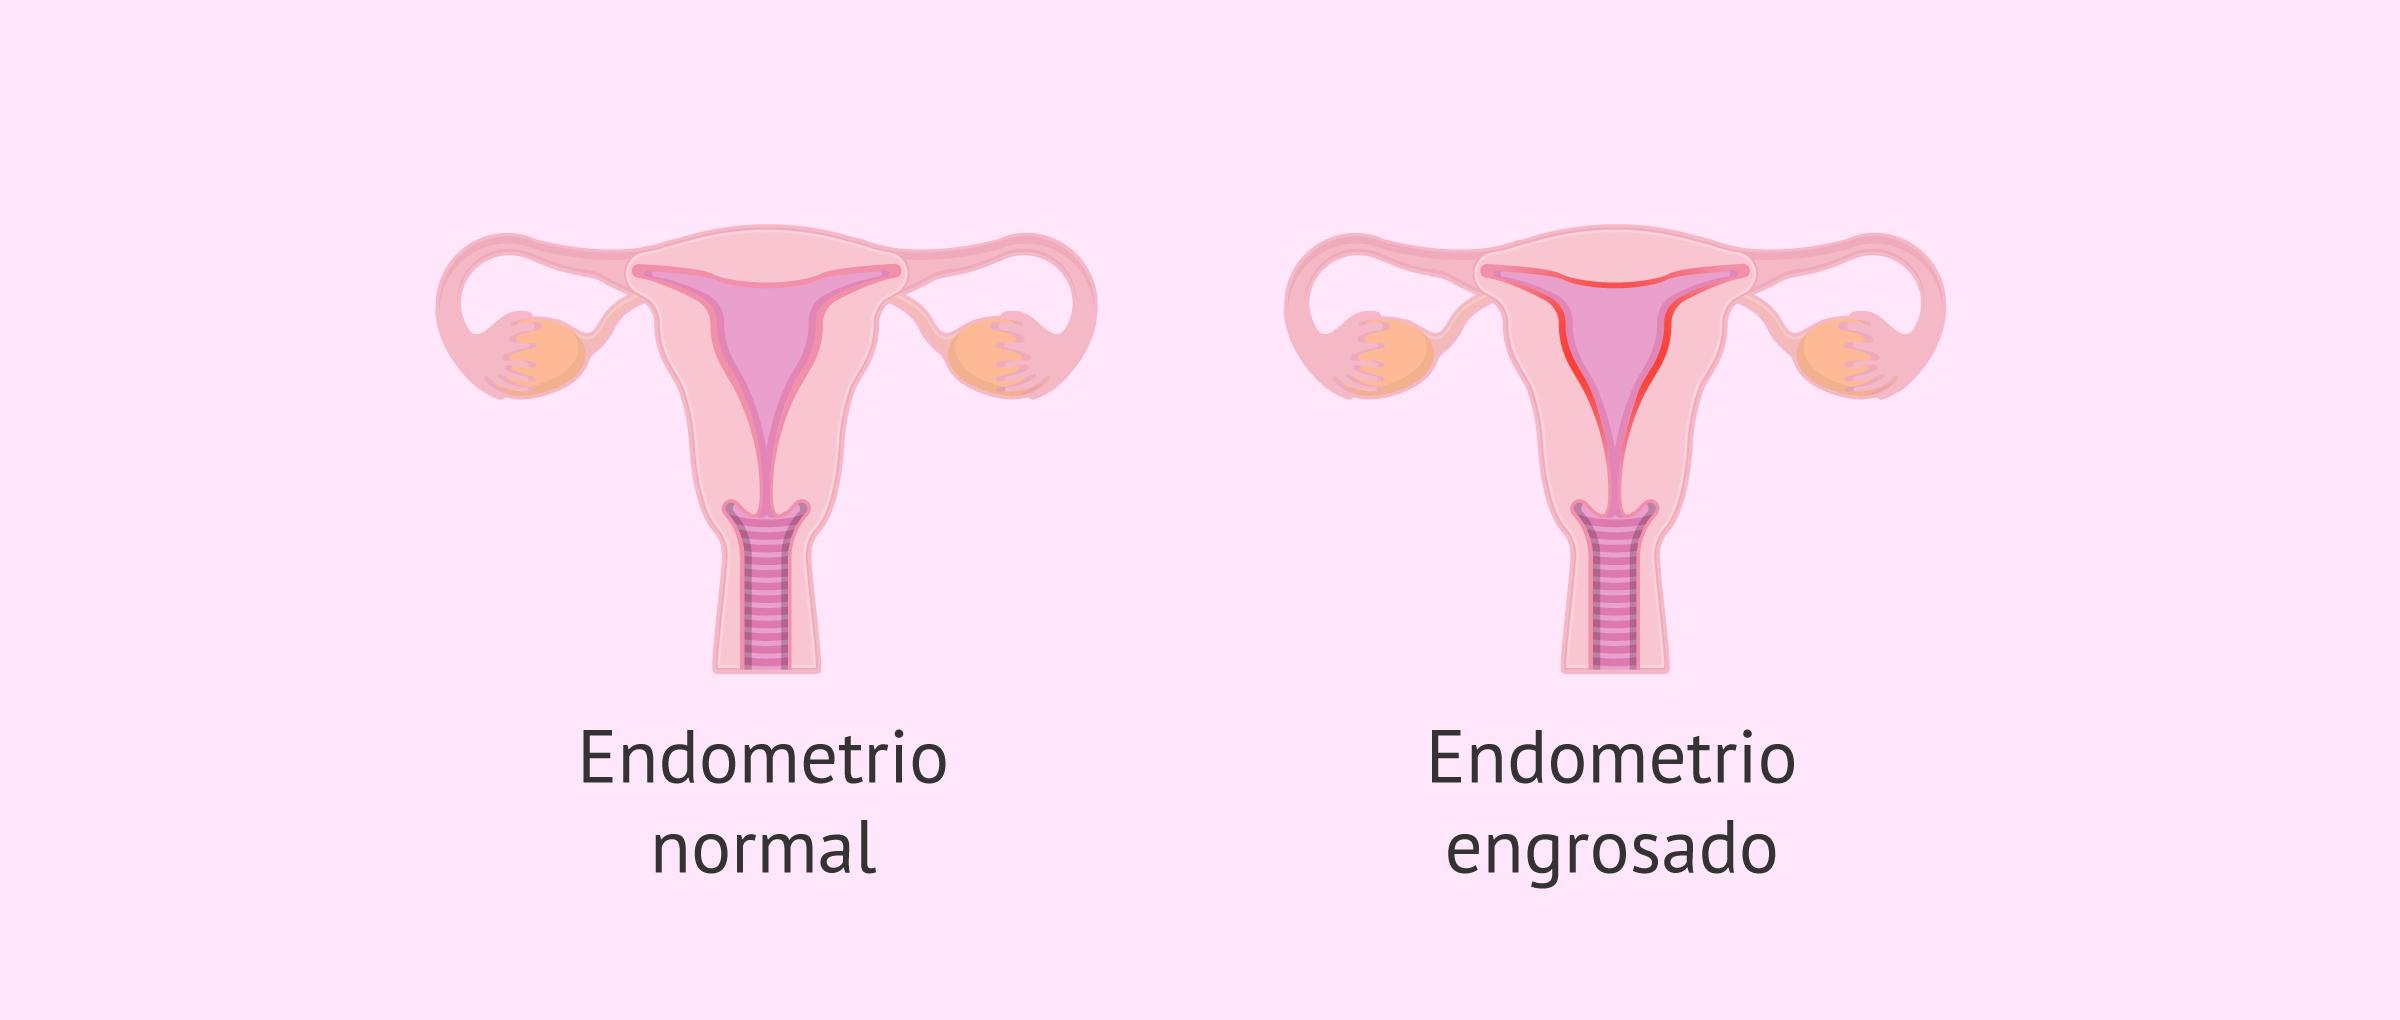 ¿Qué es la hiperplasia endometrial y por qué se produce?